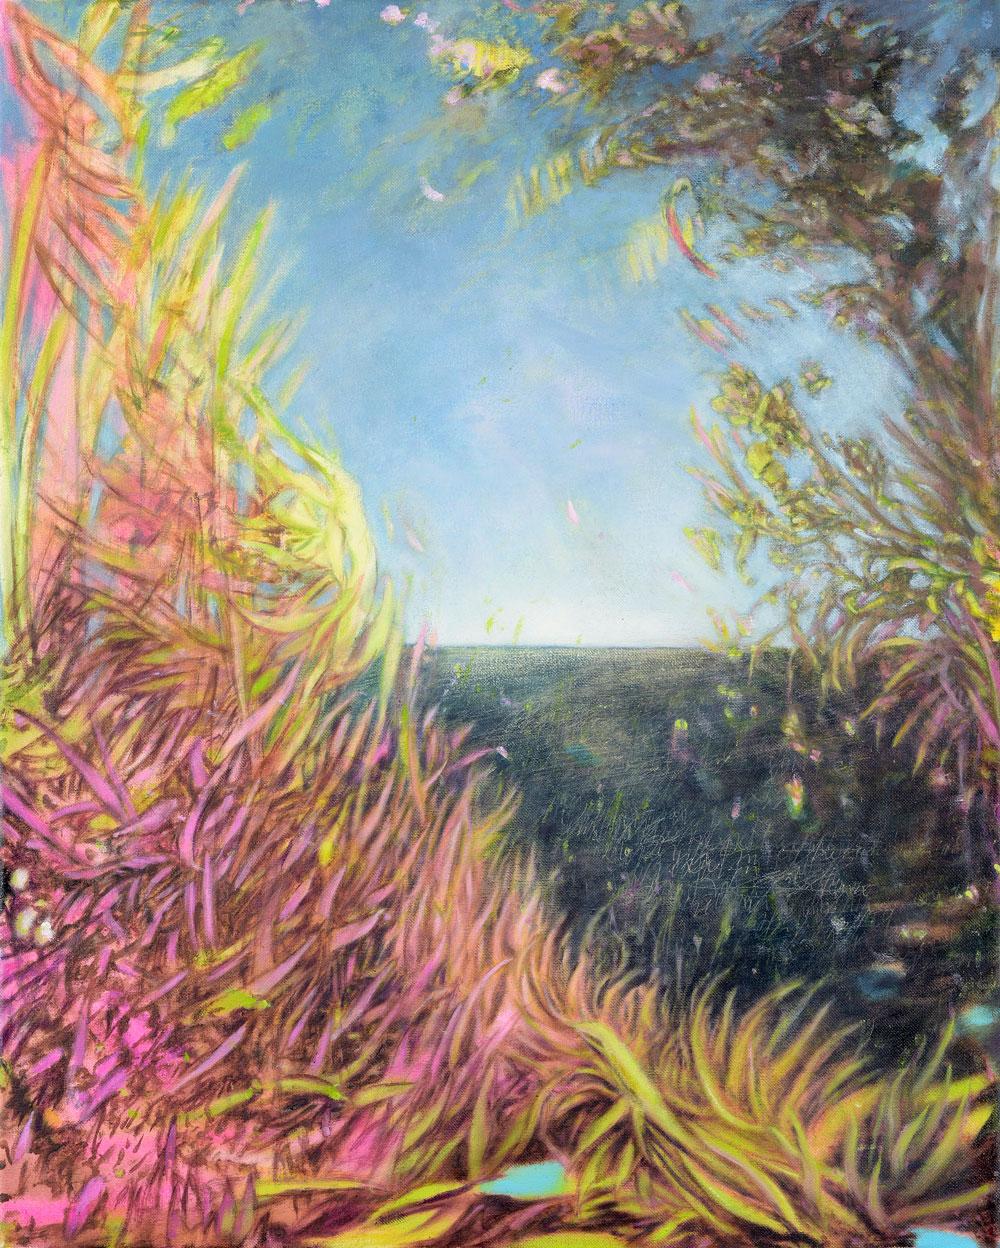 Exotismus, wilde Pflanzenstrukturen